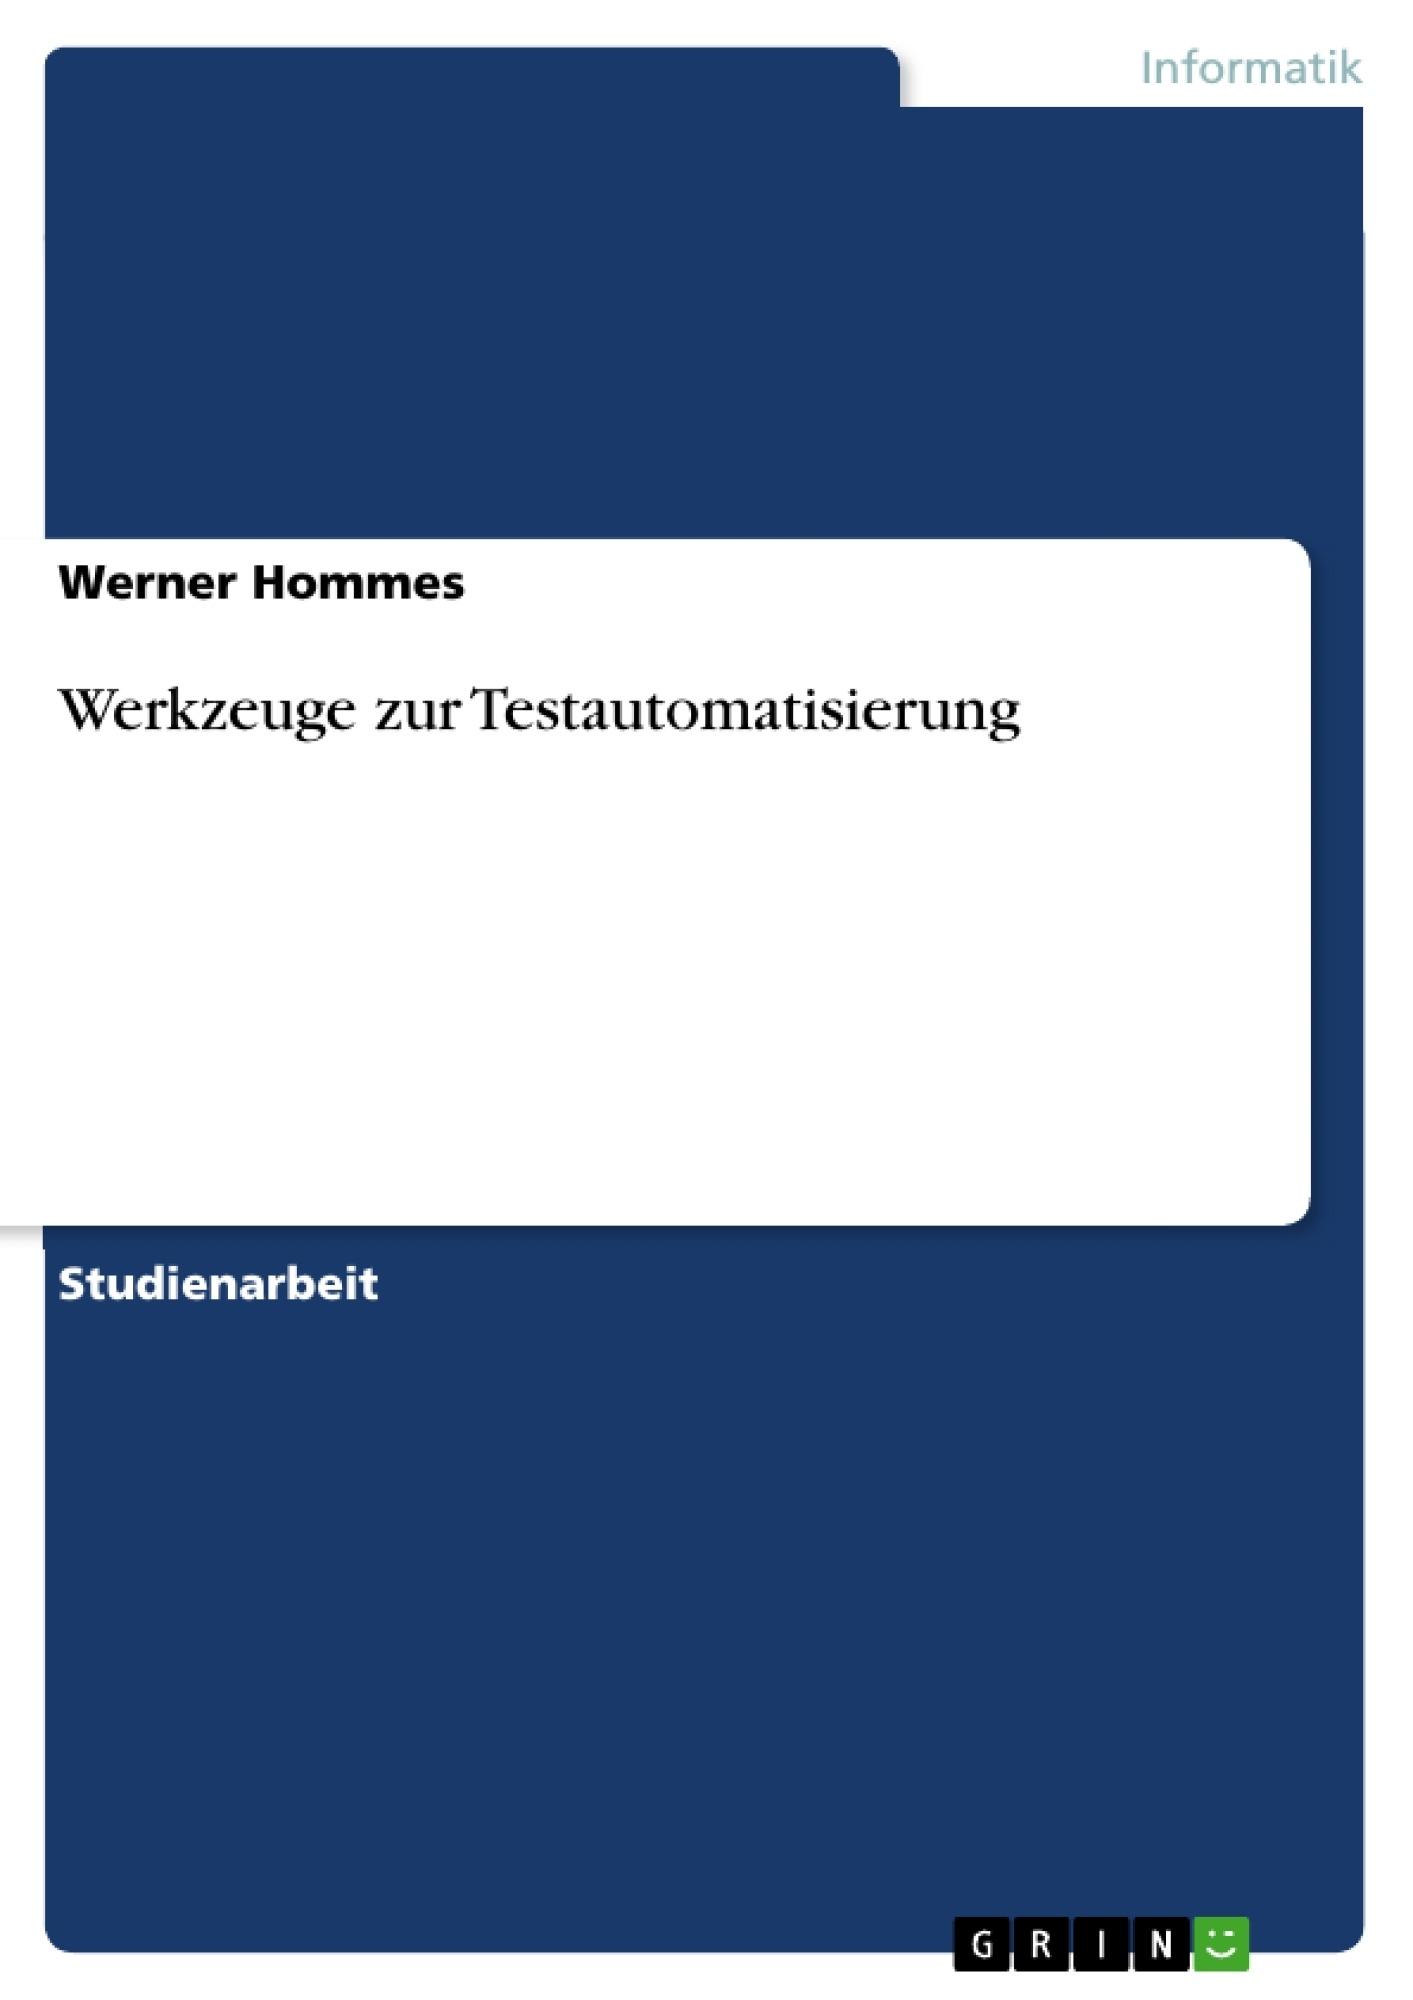 Titel: Werkzeuge zur Testautomatisierung